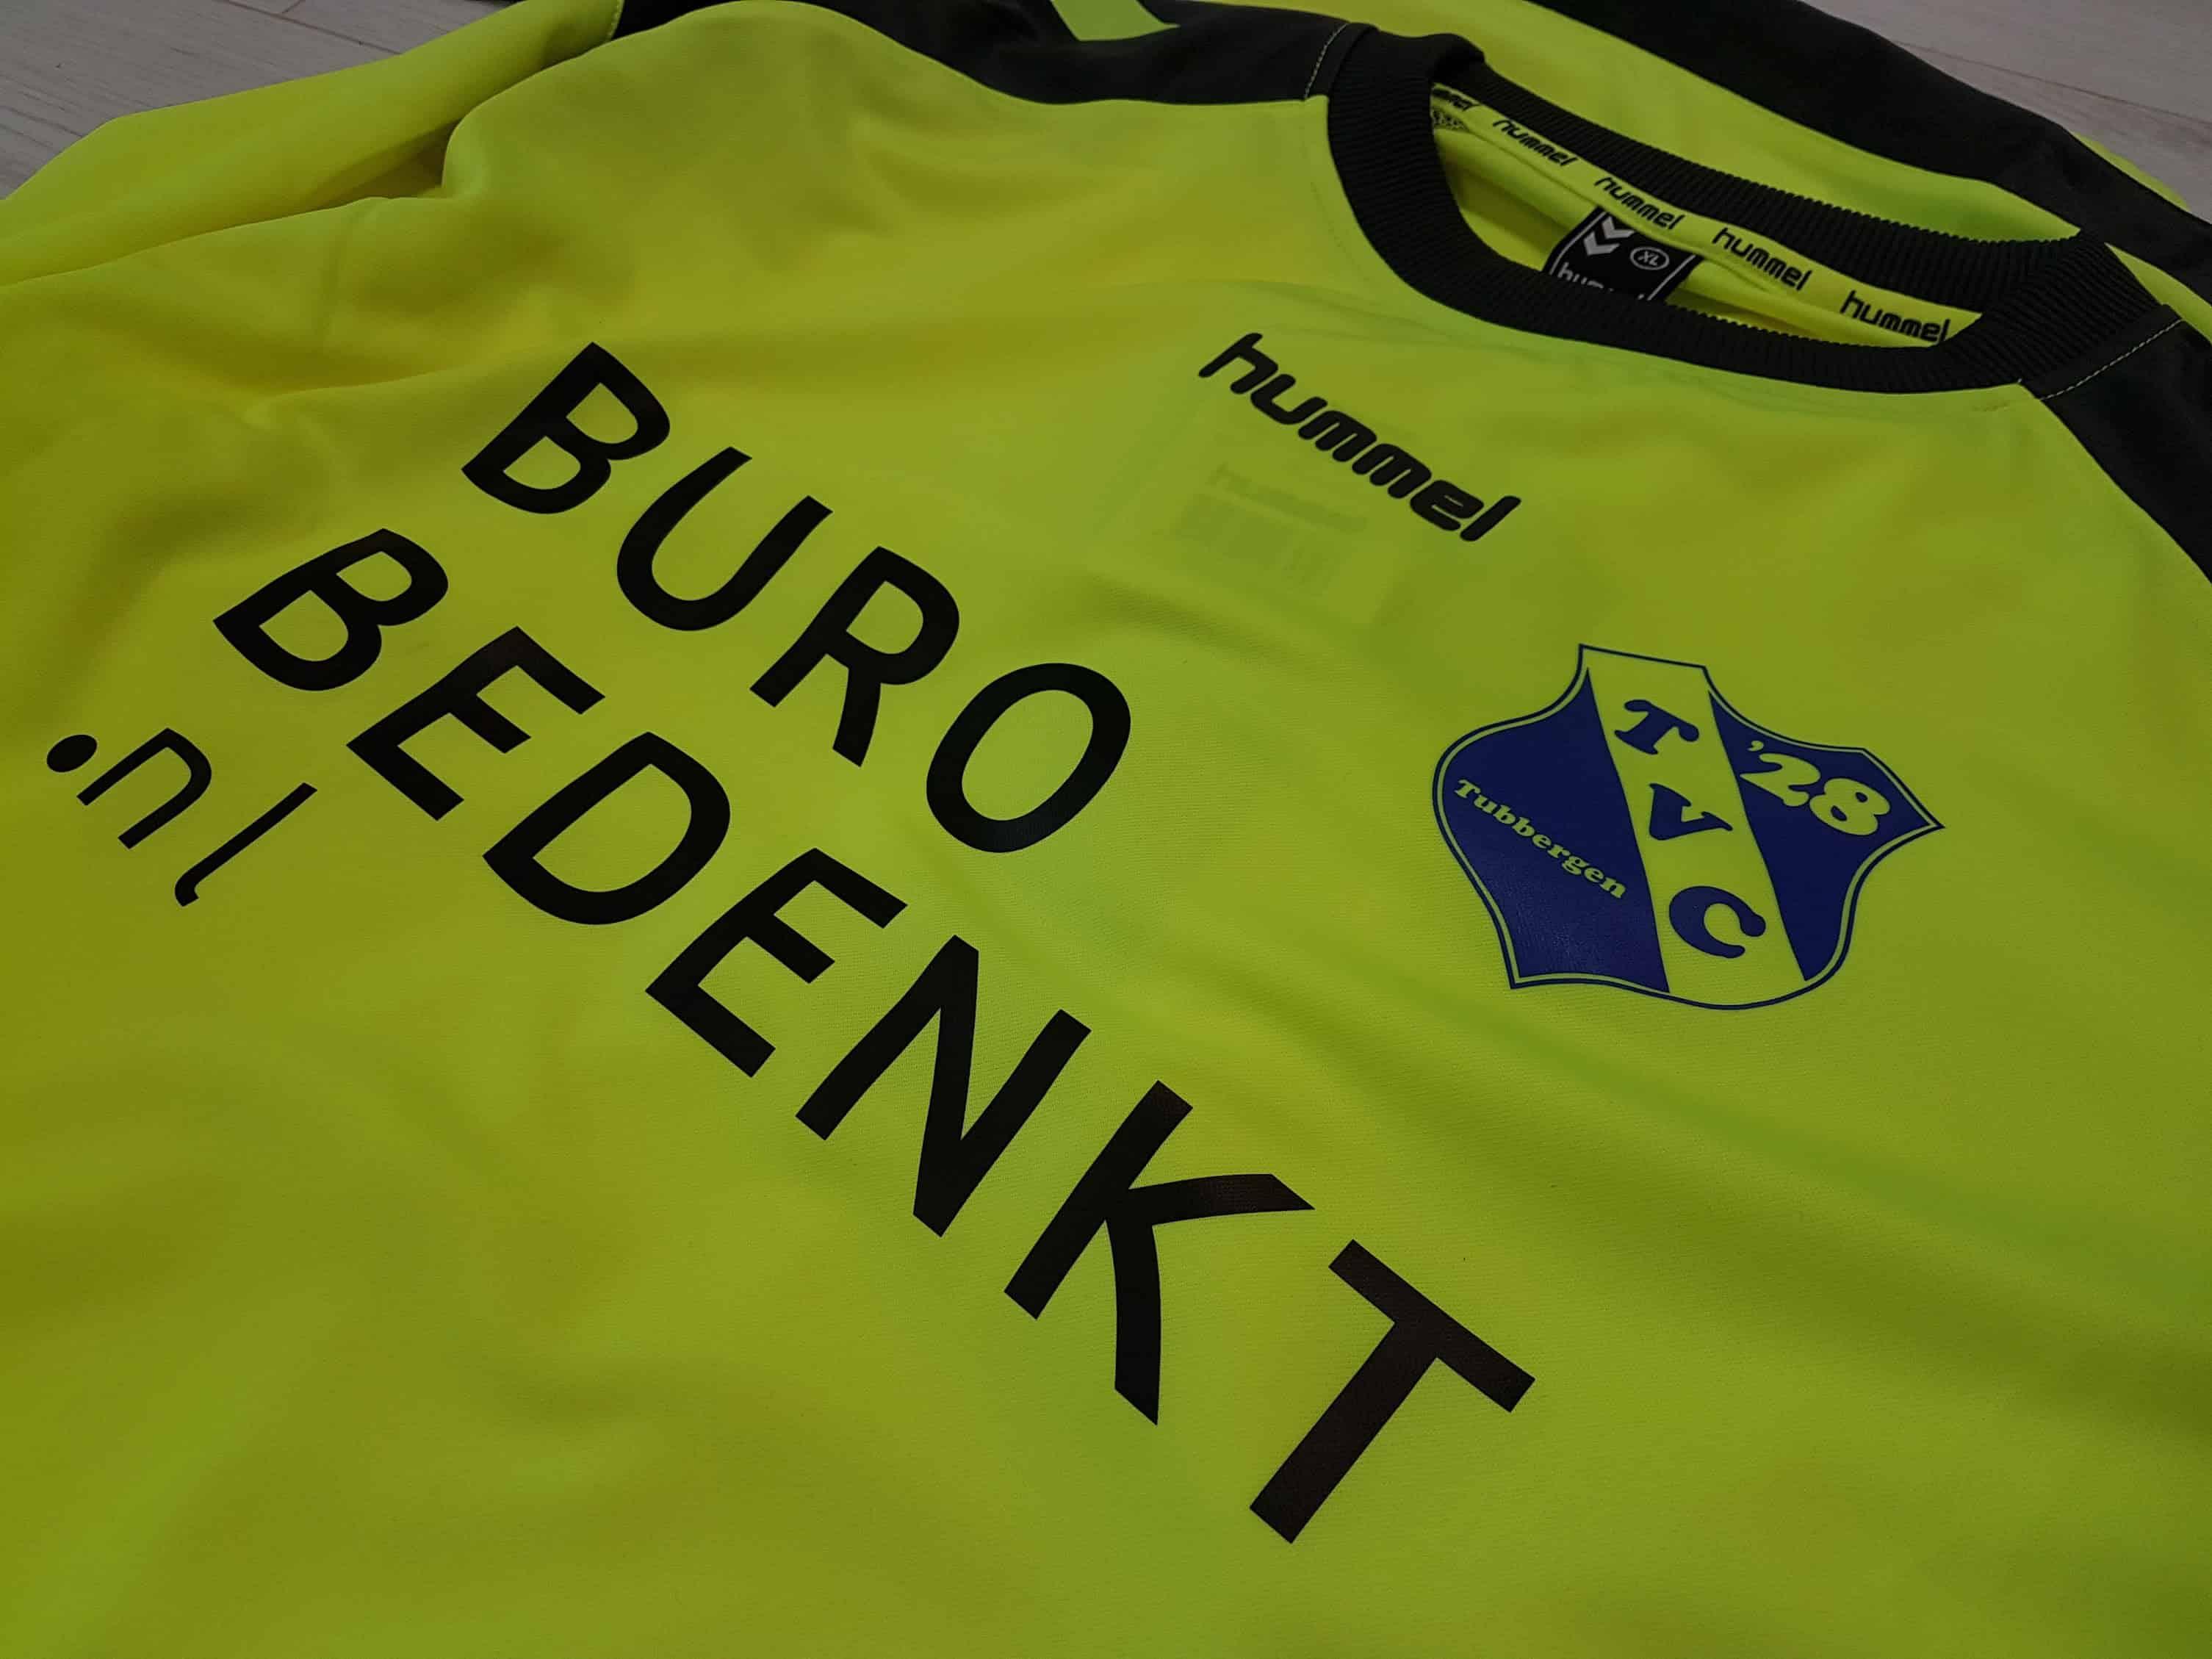 tvc6-buro-bedenkt3